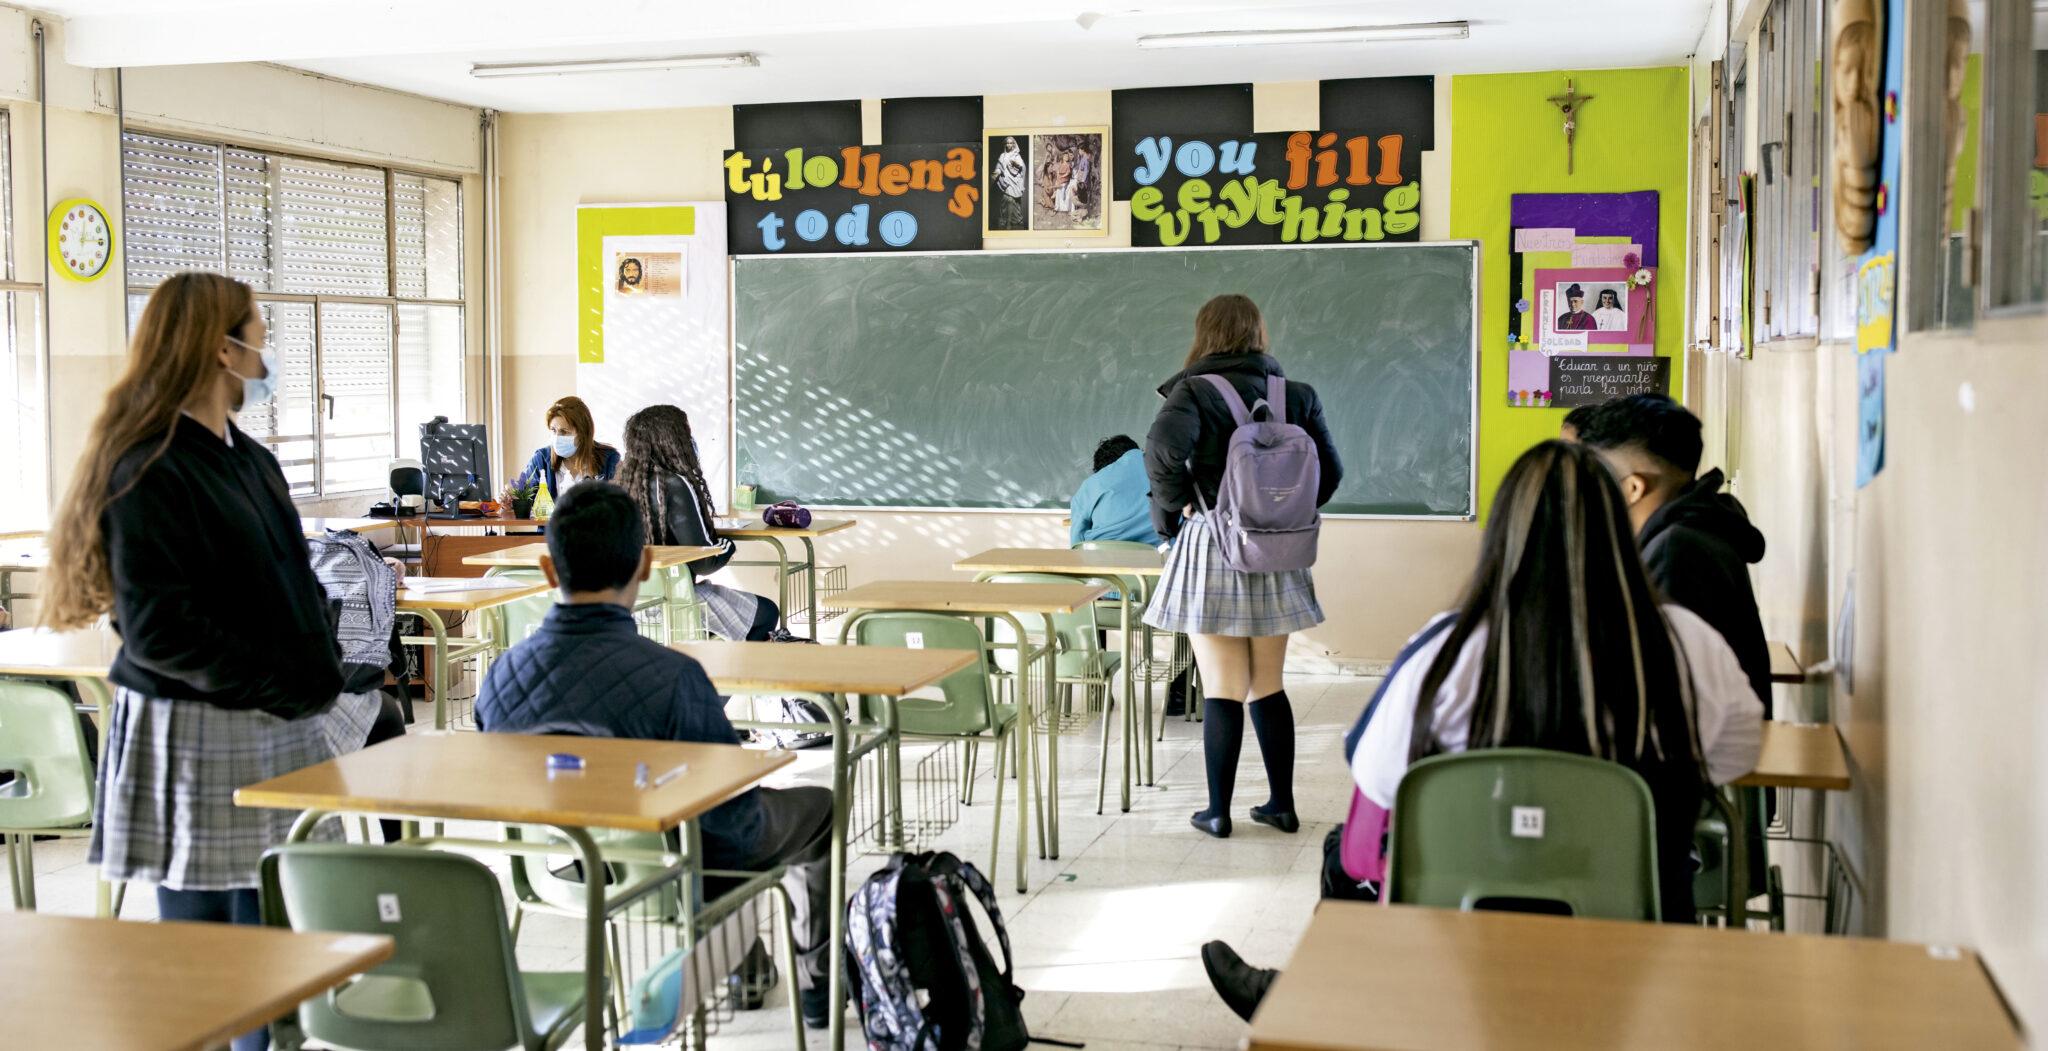 interior aula, colegio concertado